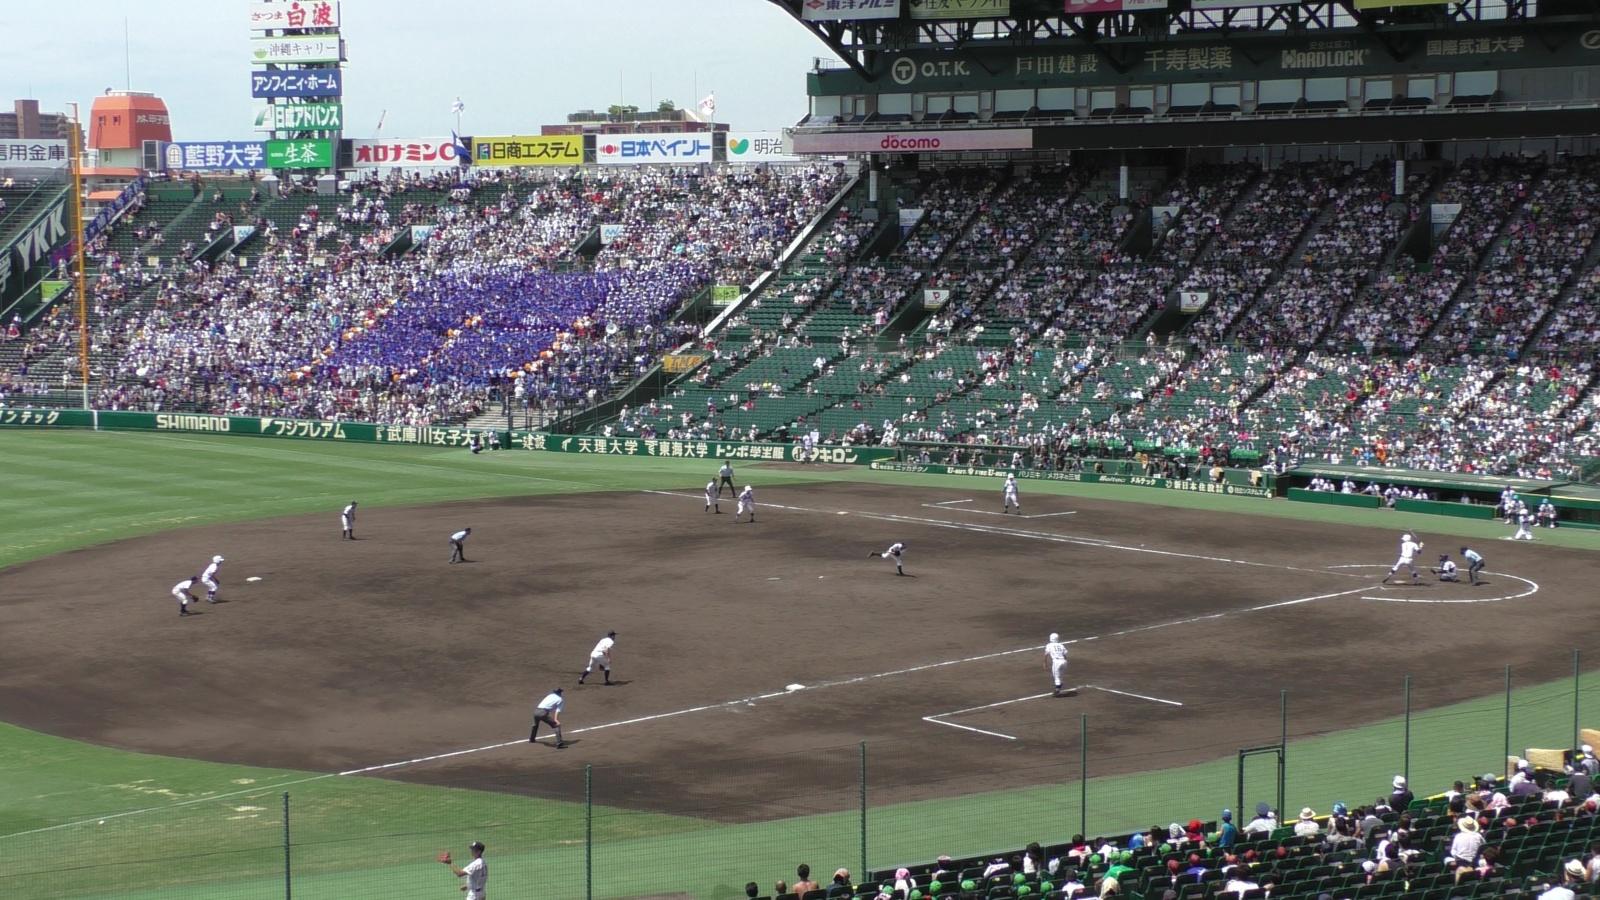 第97回全国高校野球選手権大会~第2日:第2試合「霞ケ浦VS広島新庄」(下)~